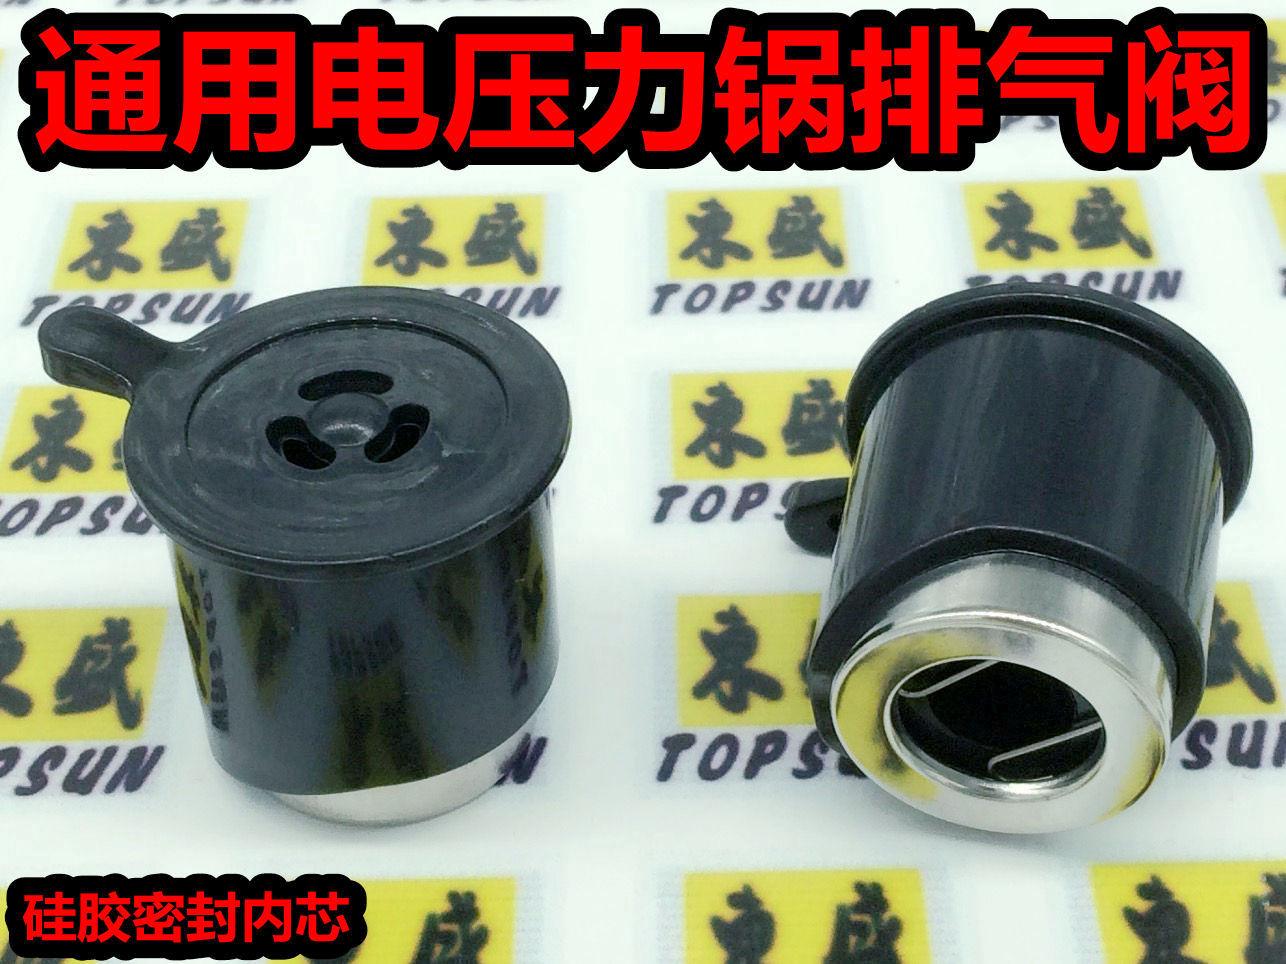 九阳电压力锅排气阀被拆开了怎样安装?图片